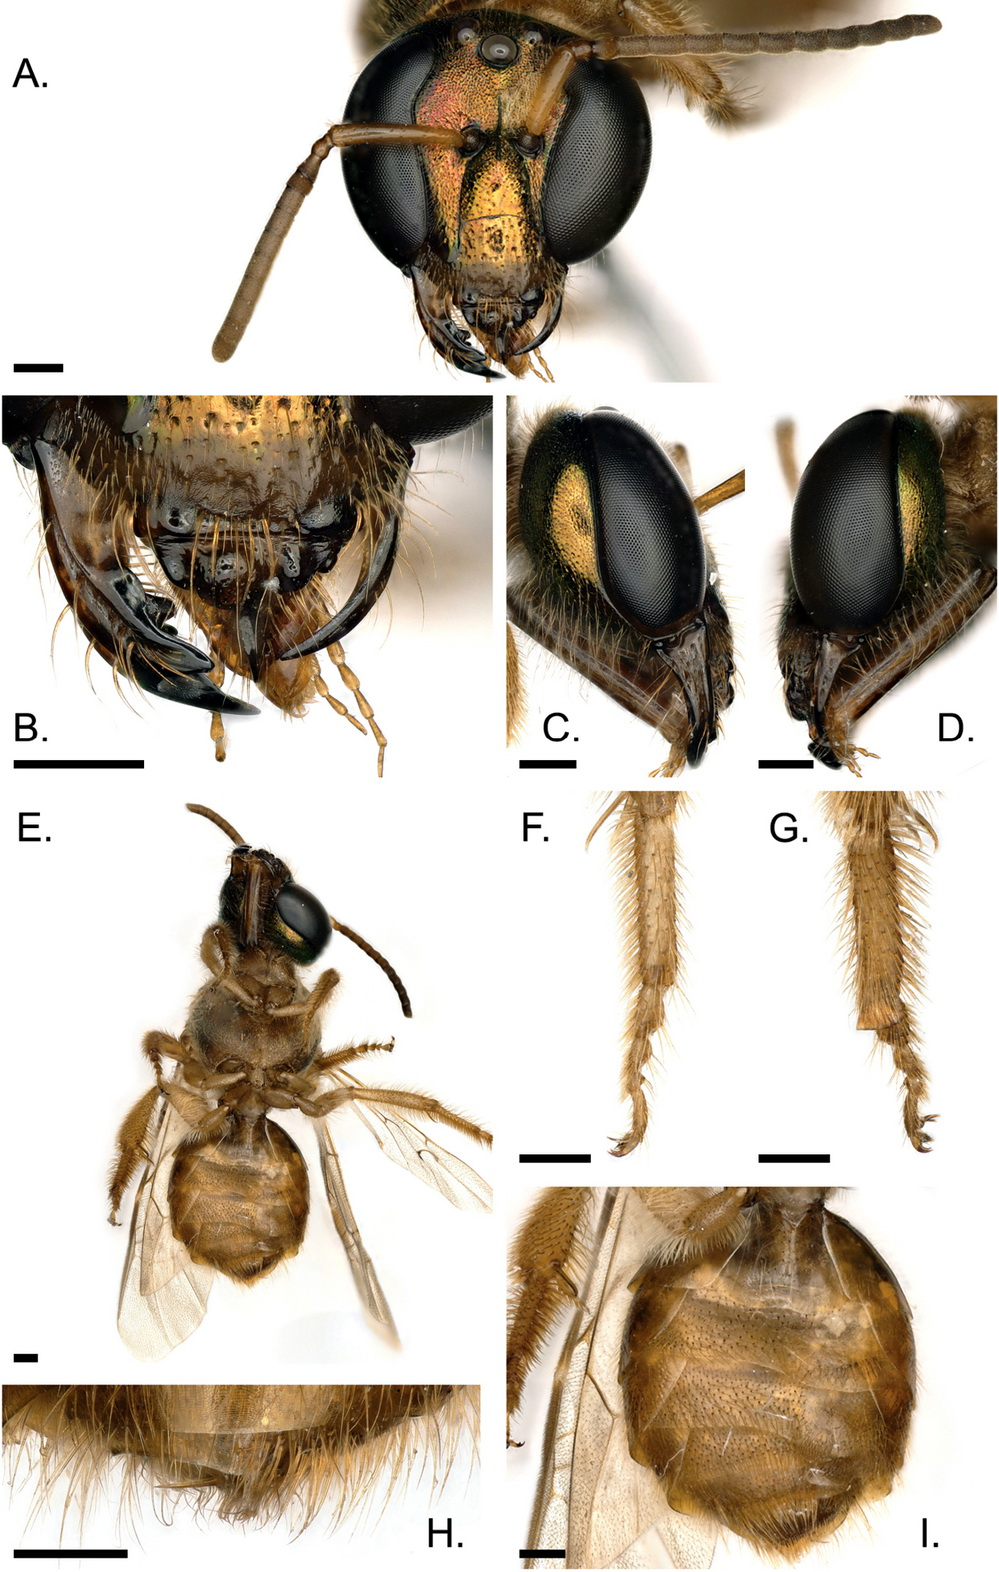 bee-legs2.jpg (464.5 Kb)